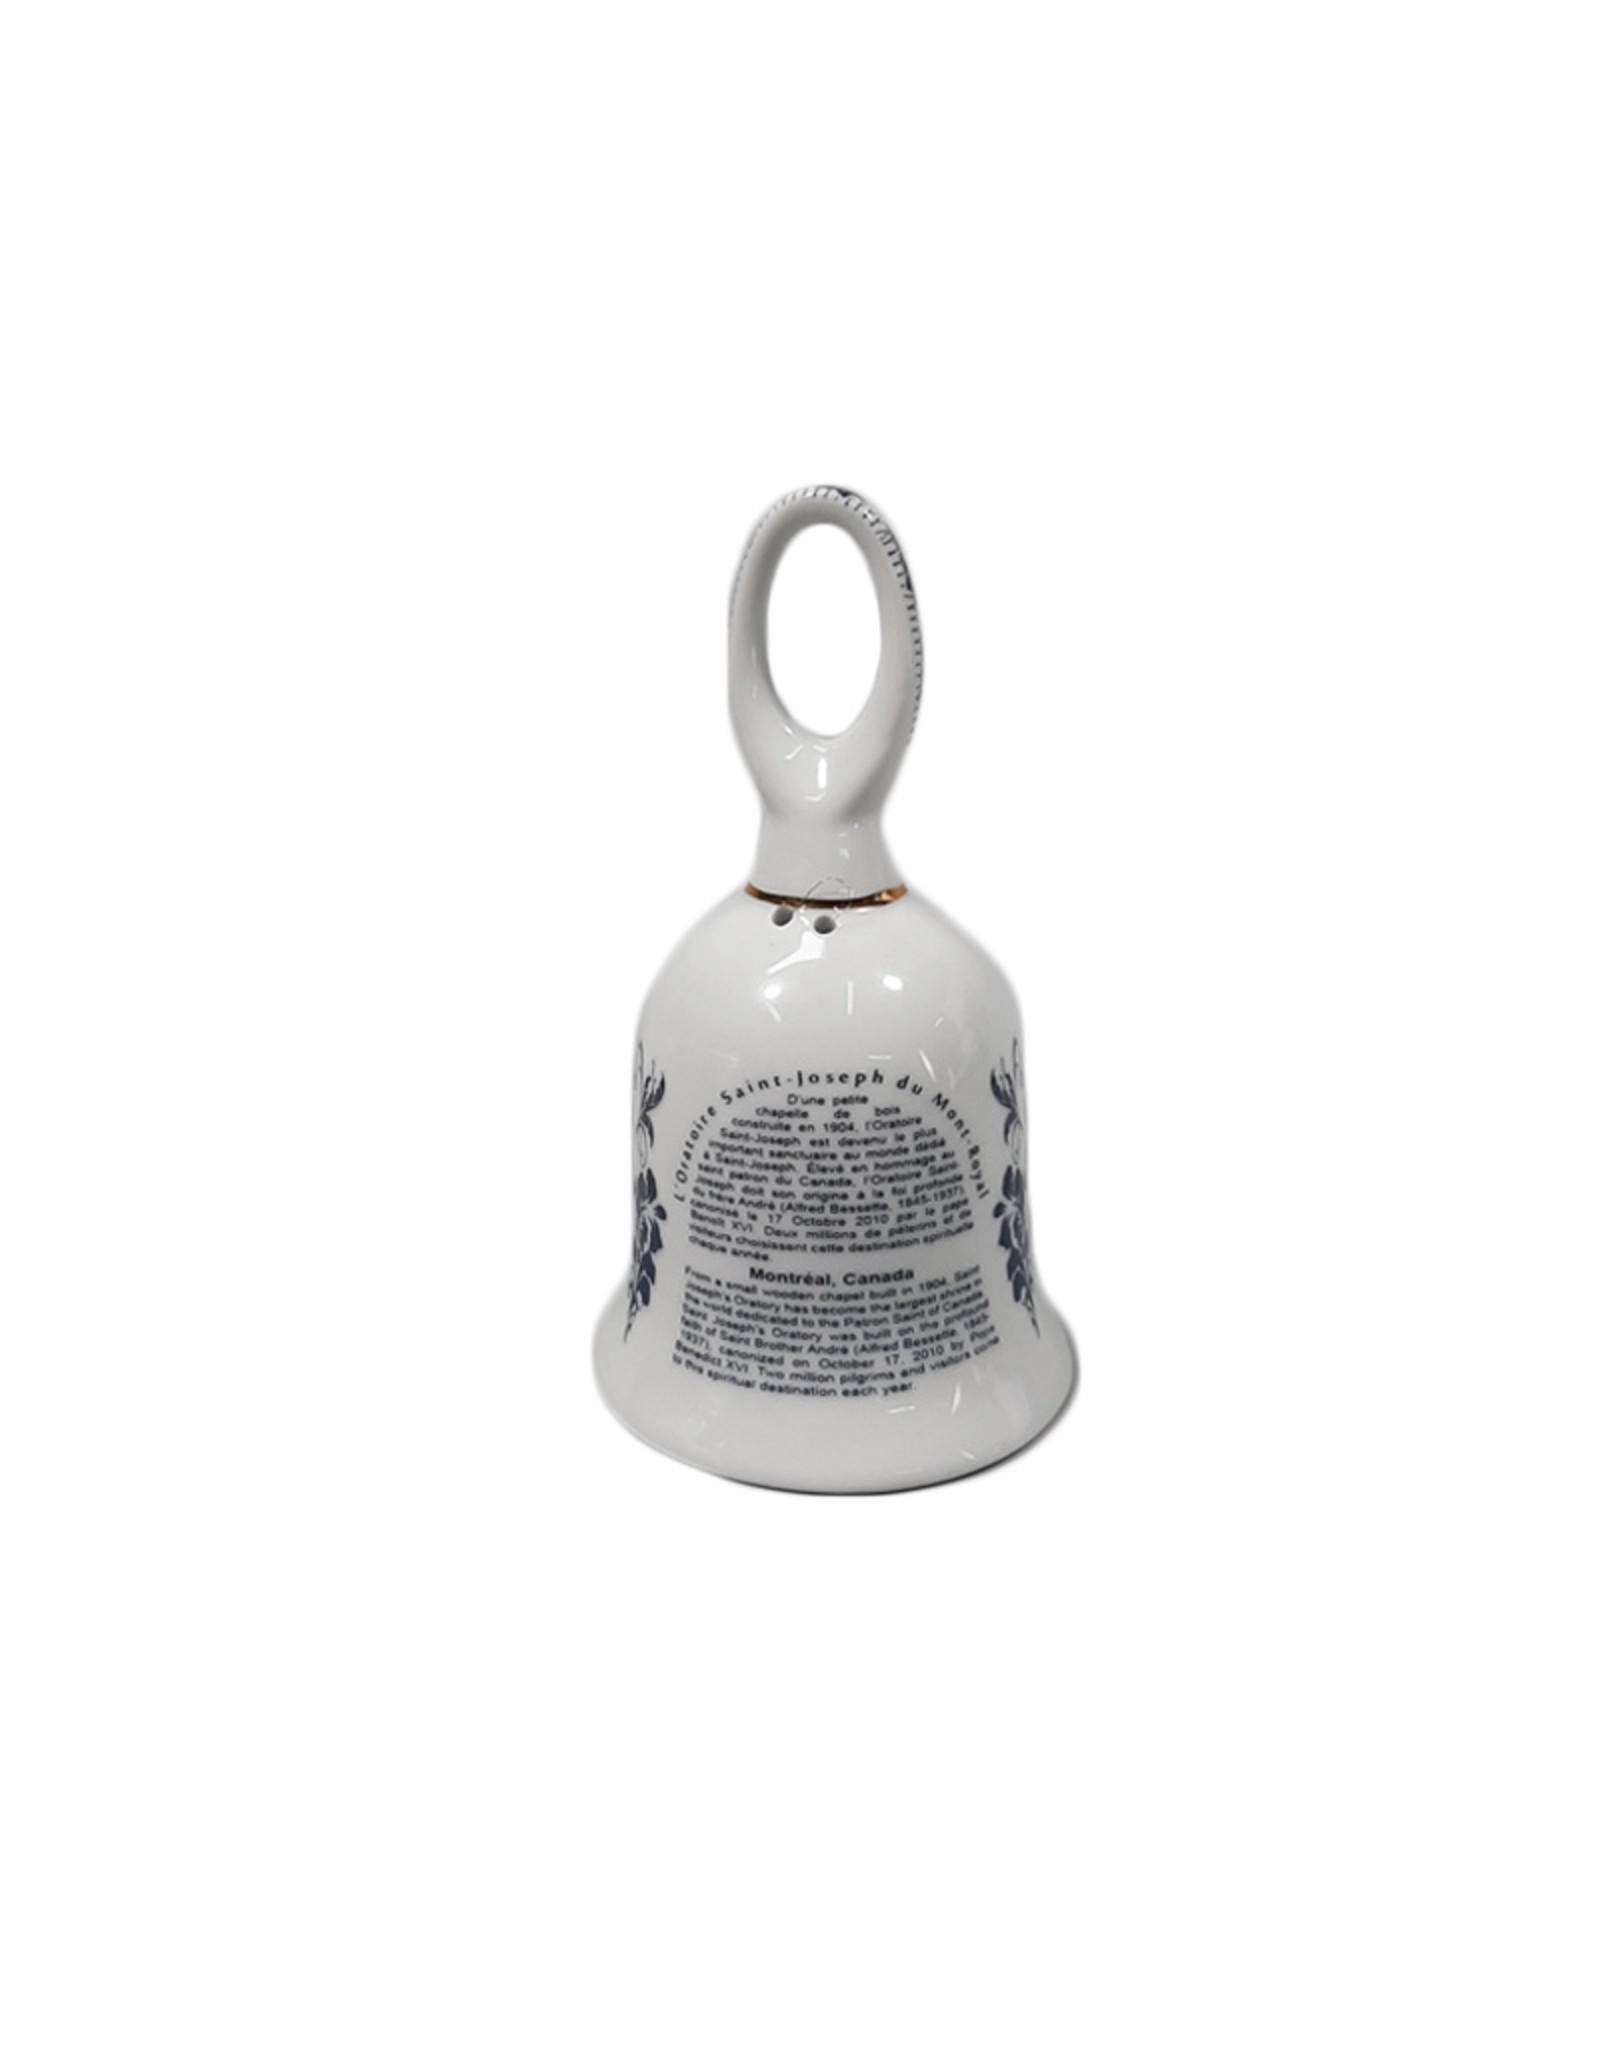 Saint Joseph's Oratory souvenir porcelain bell